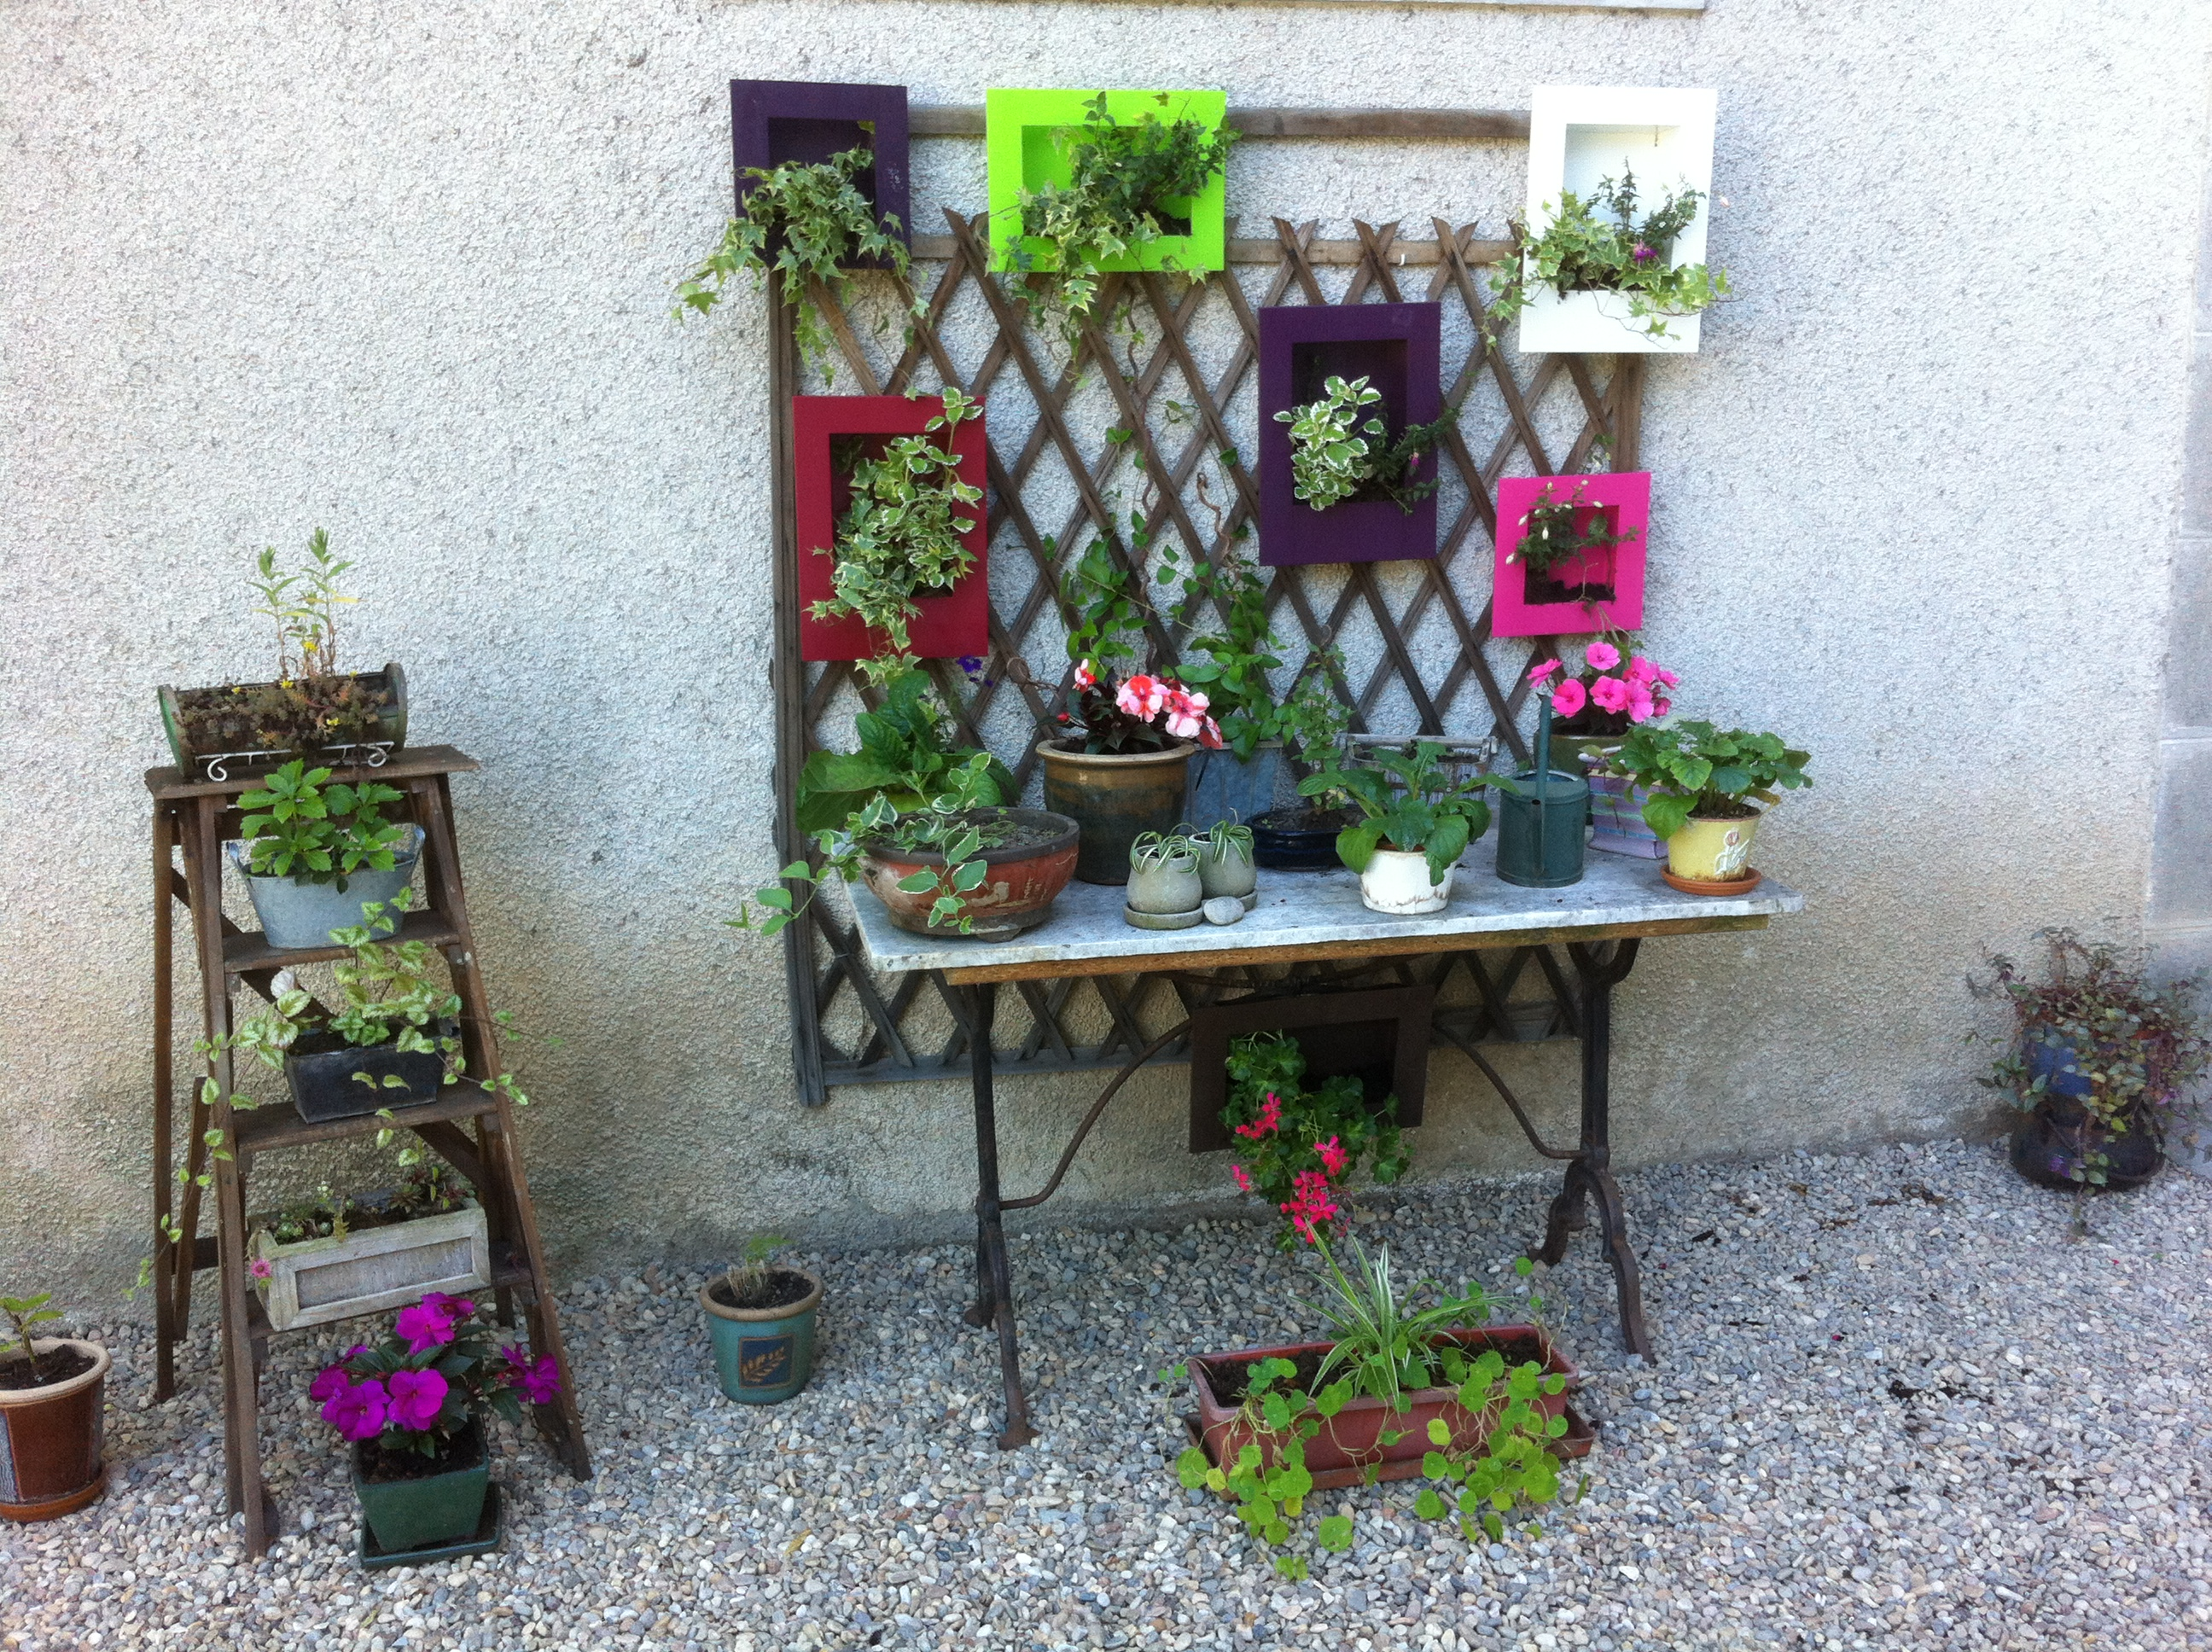 Quelques plantes vertes et fleuries